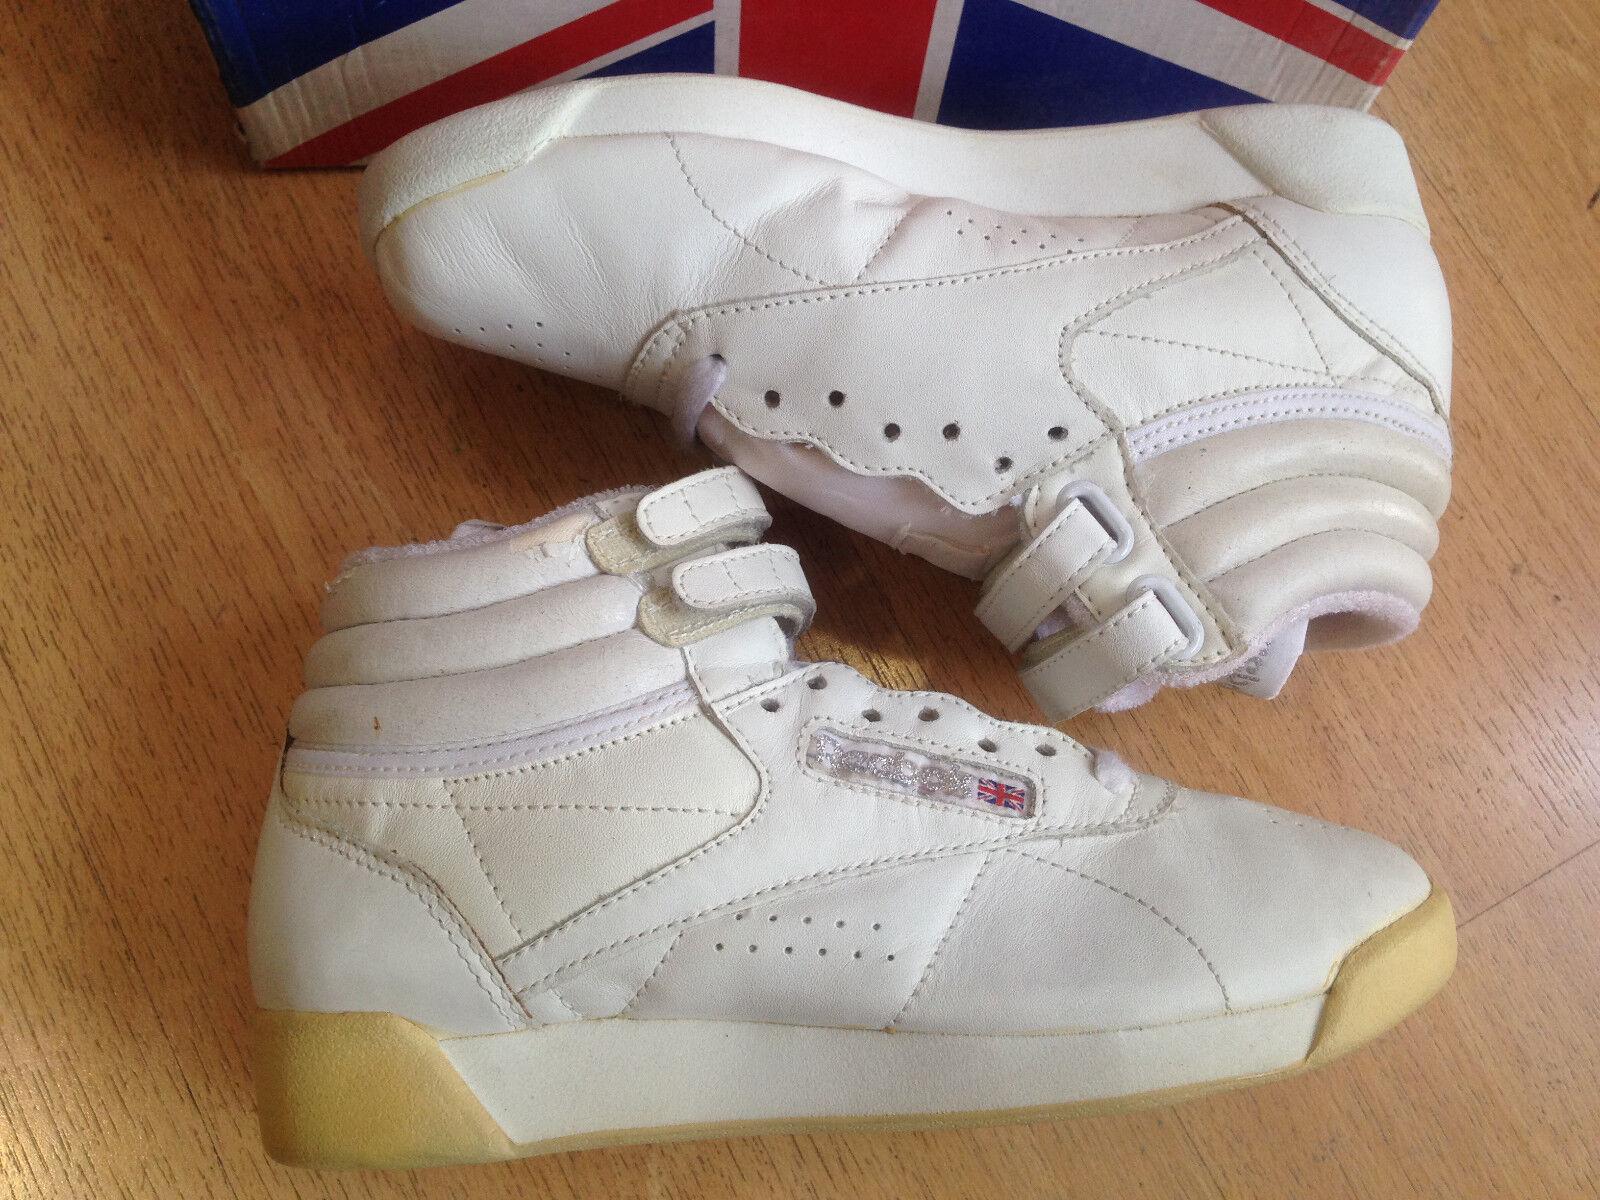 OG vintage 1998 Reebok Freestyle Hi vintage OG Turnschuhe Größe US6 EUR36 CM23 SUPER RARE eb0a2c